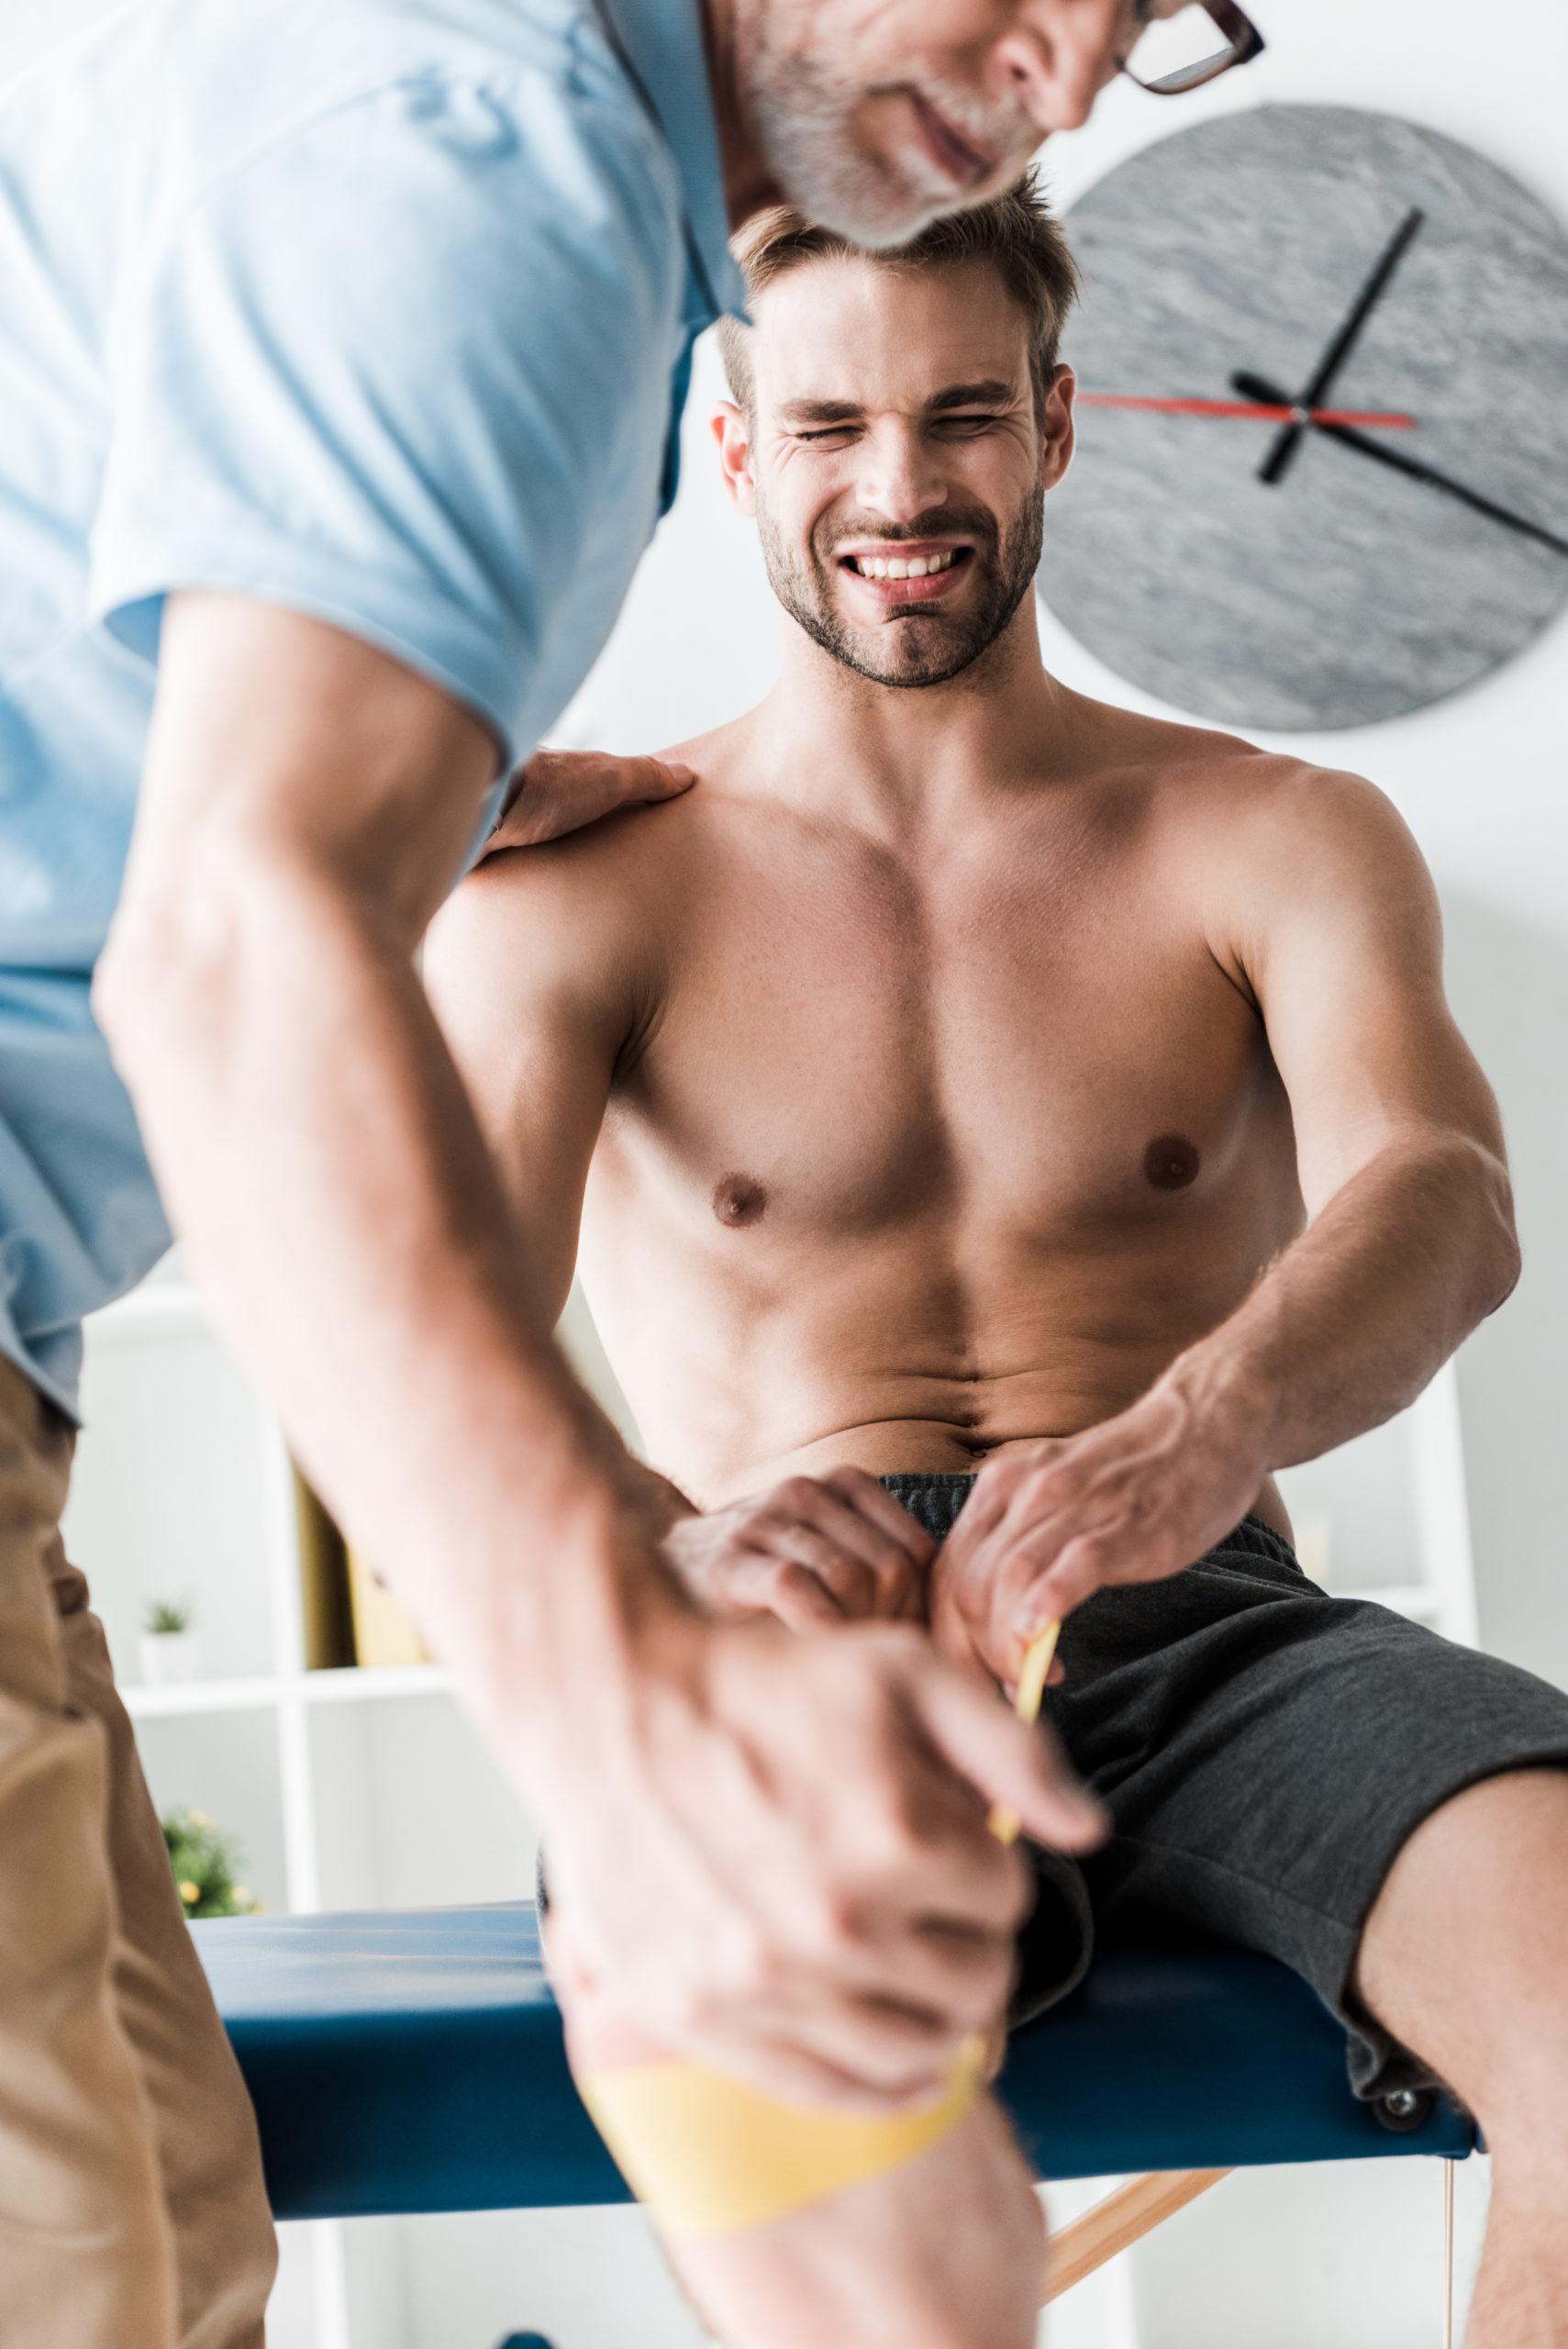 Lesion Movimientos Repetitivos 2